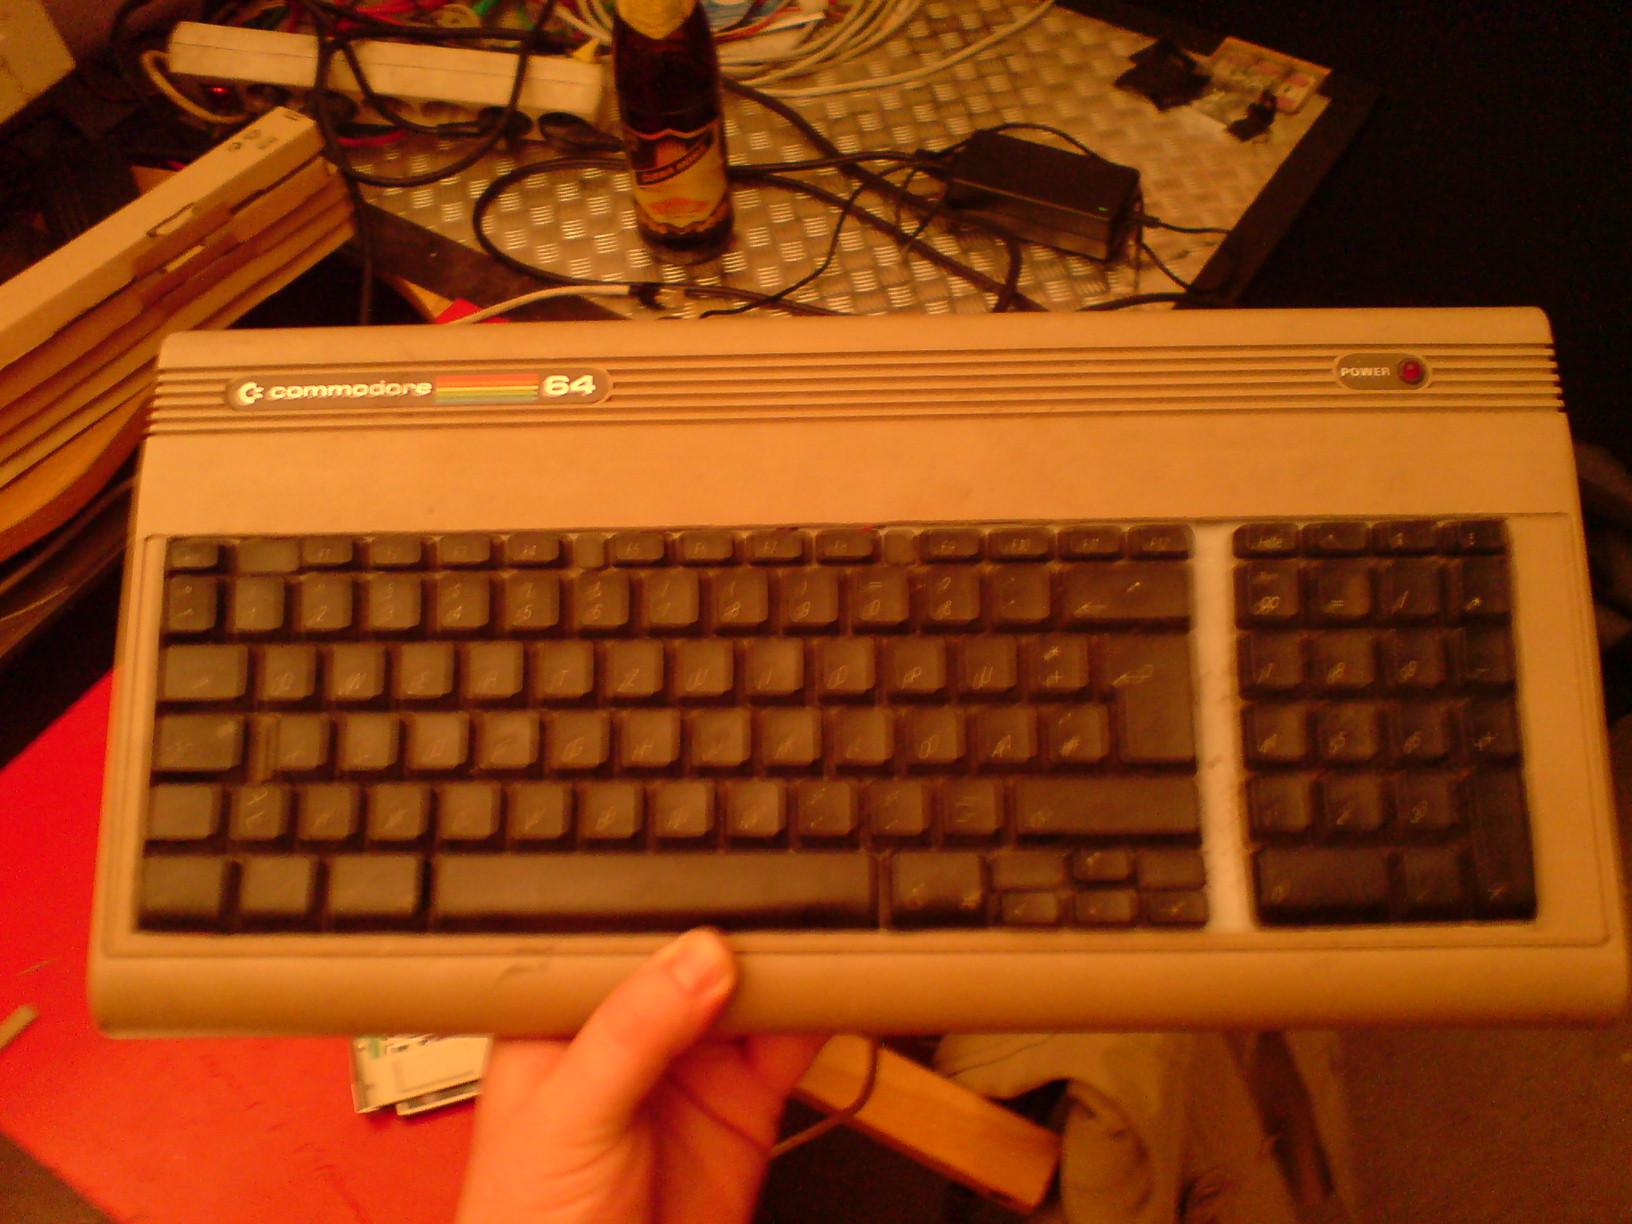 C64_tastatur_apple_eingebaut